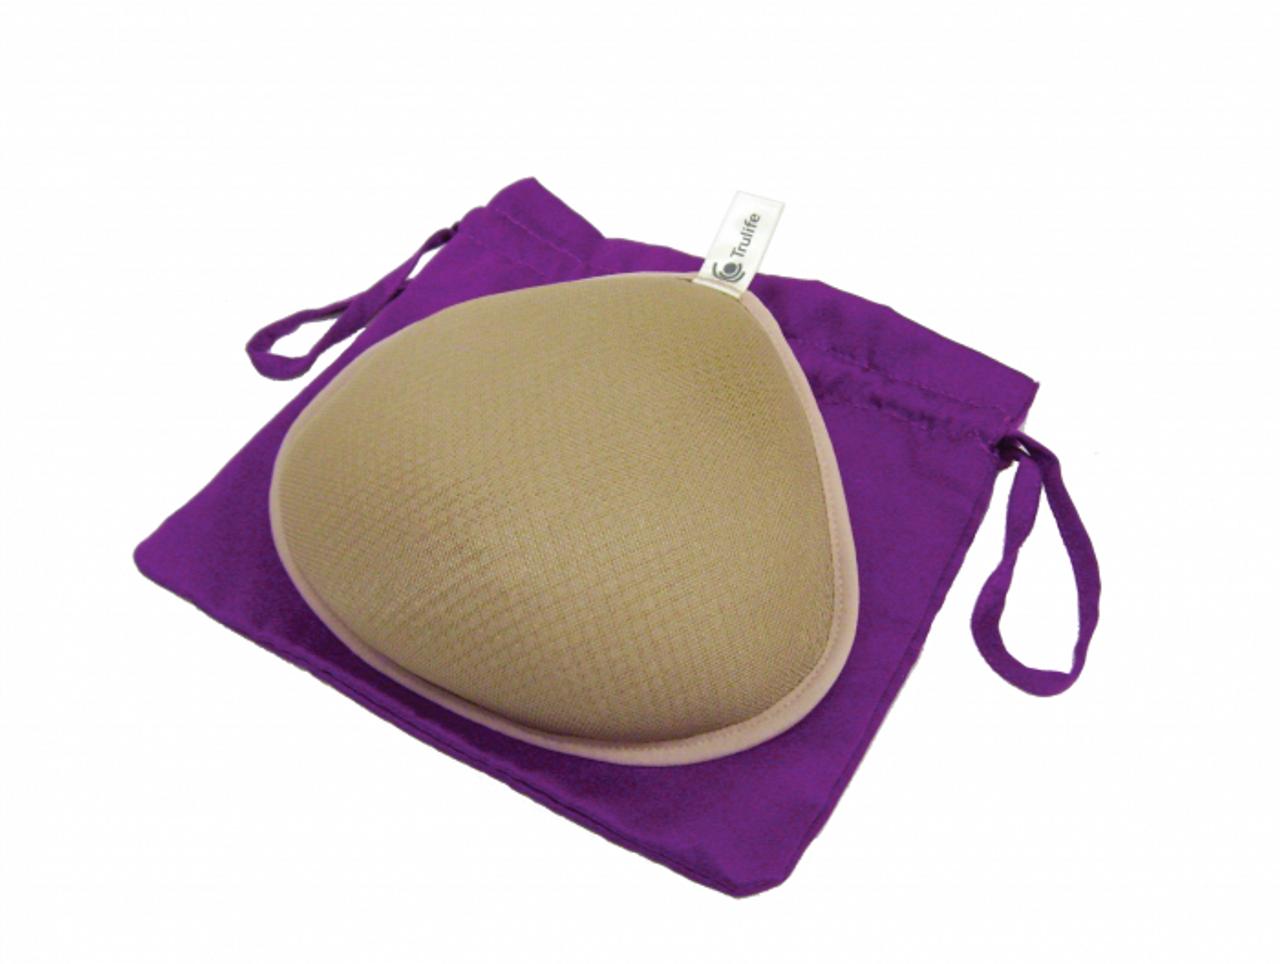 c8ddfafa70 Trulife 630 AquaFlow Swim Form (SOLD EACH NOT IN A PAIR) -  MastectomyShop.com